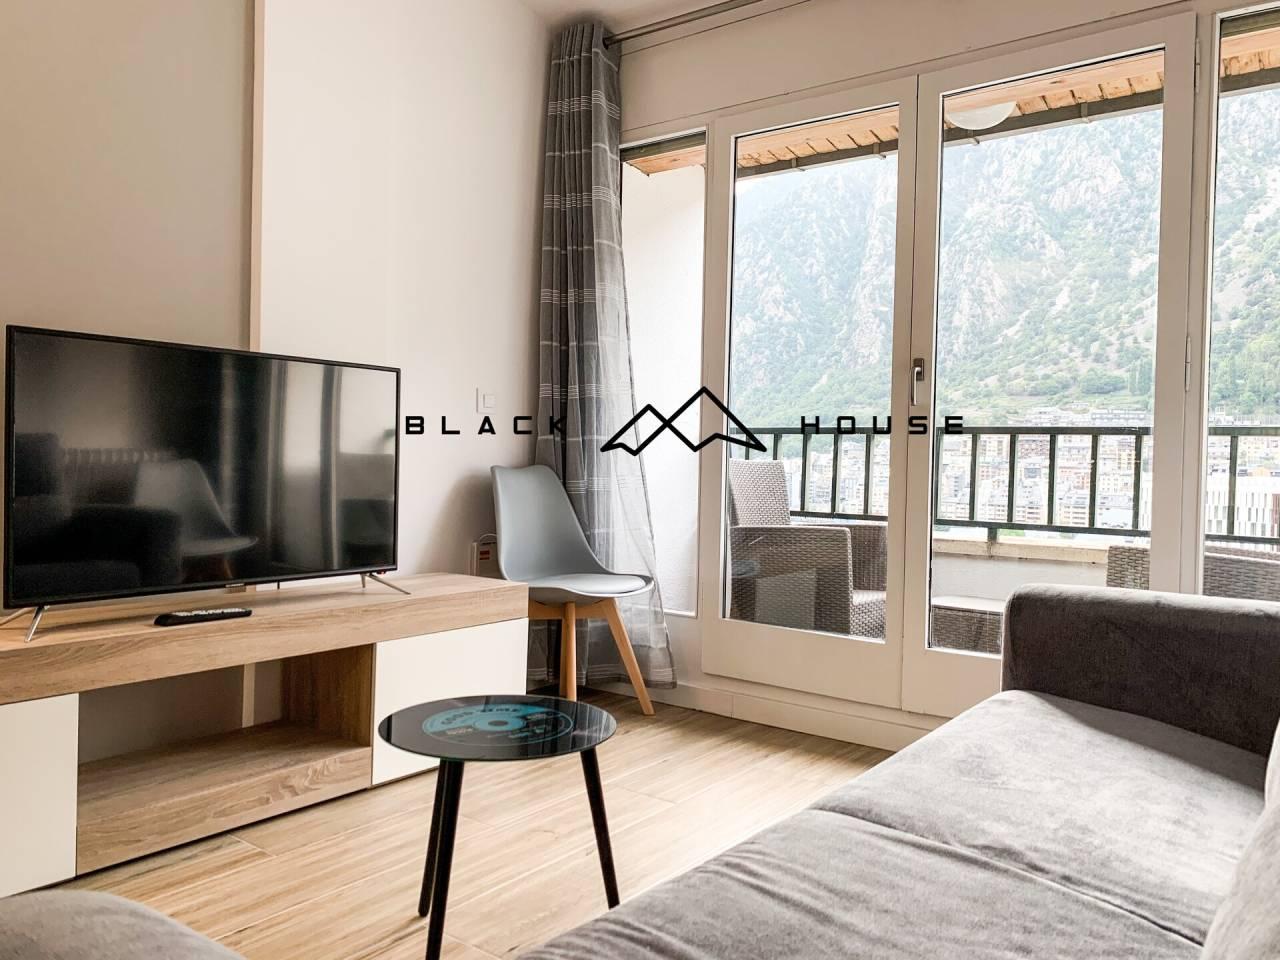 Conjunt de 4 apartaments reformats, moblats i equipats per a vendre al centre d´Andorra la Vella. IDEAL INVERSORS